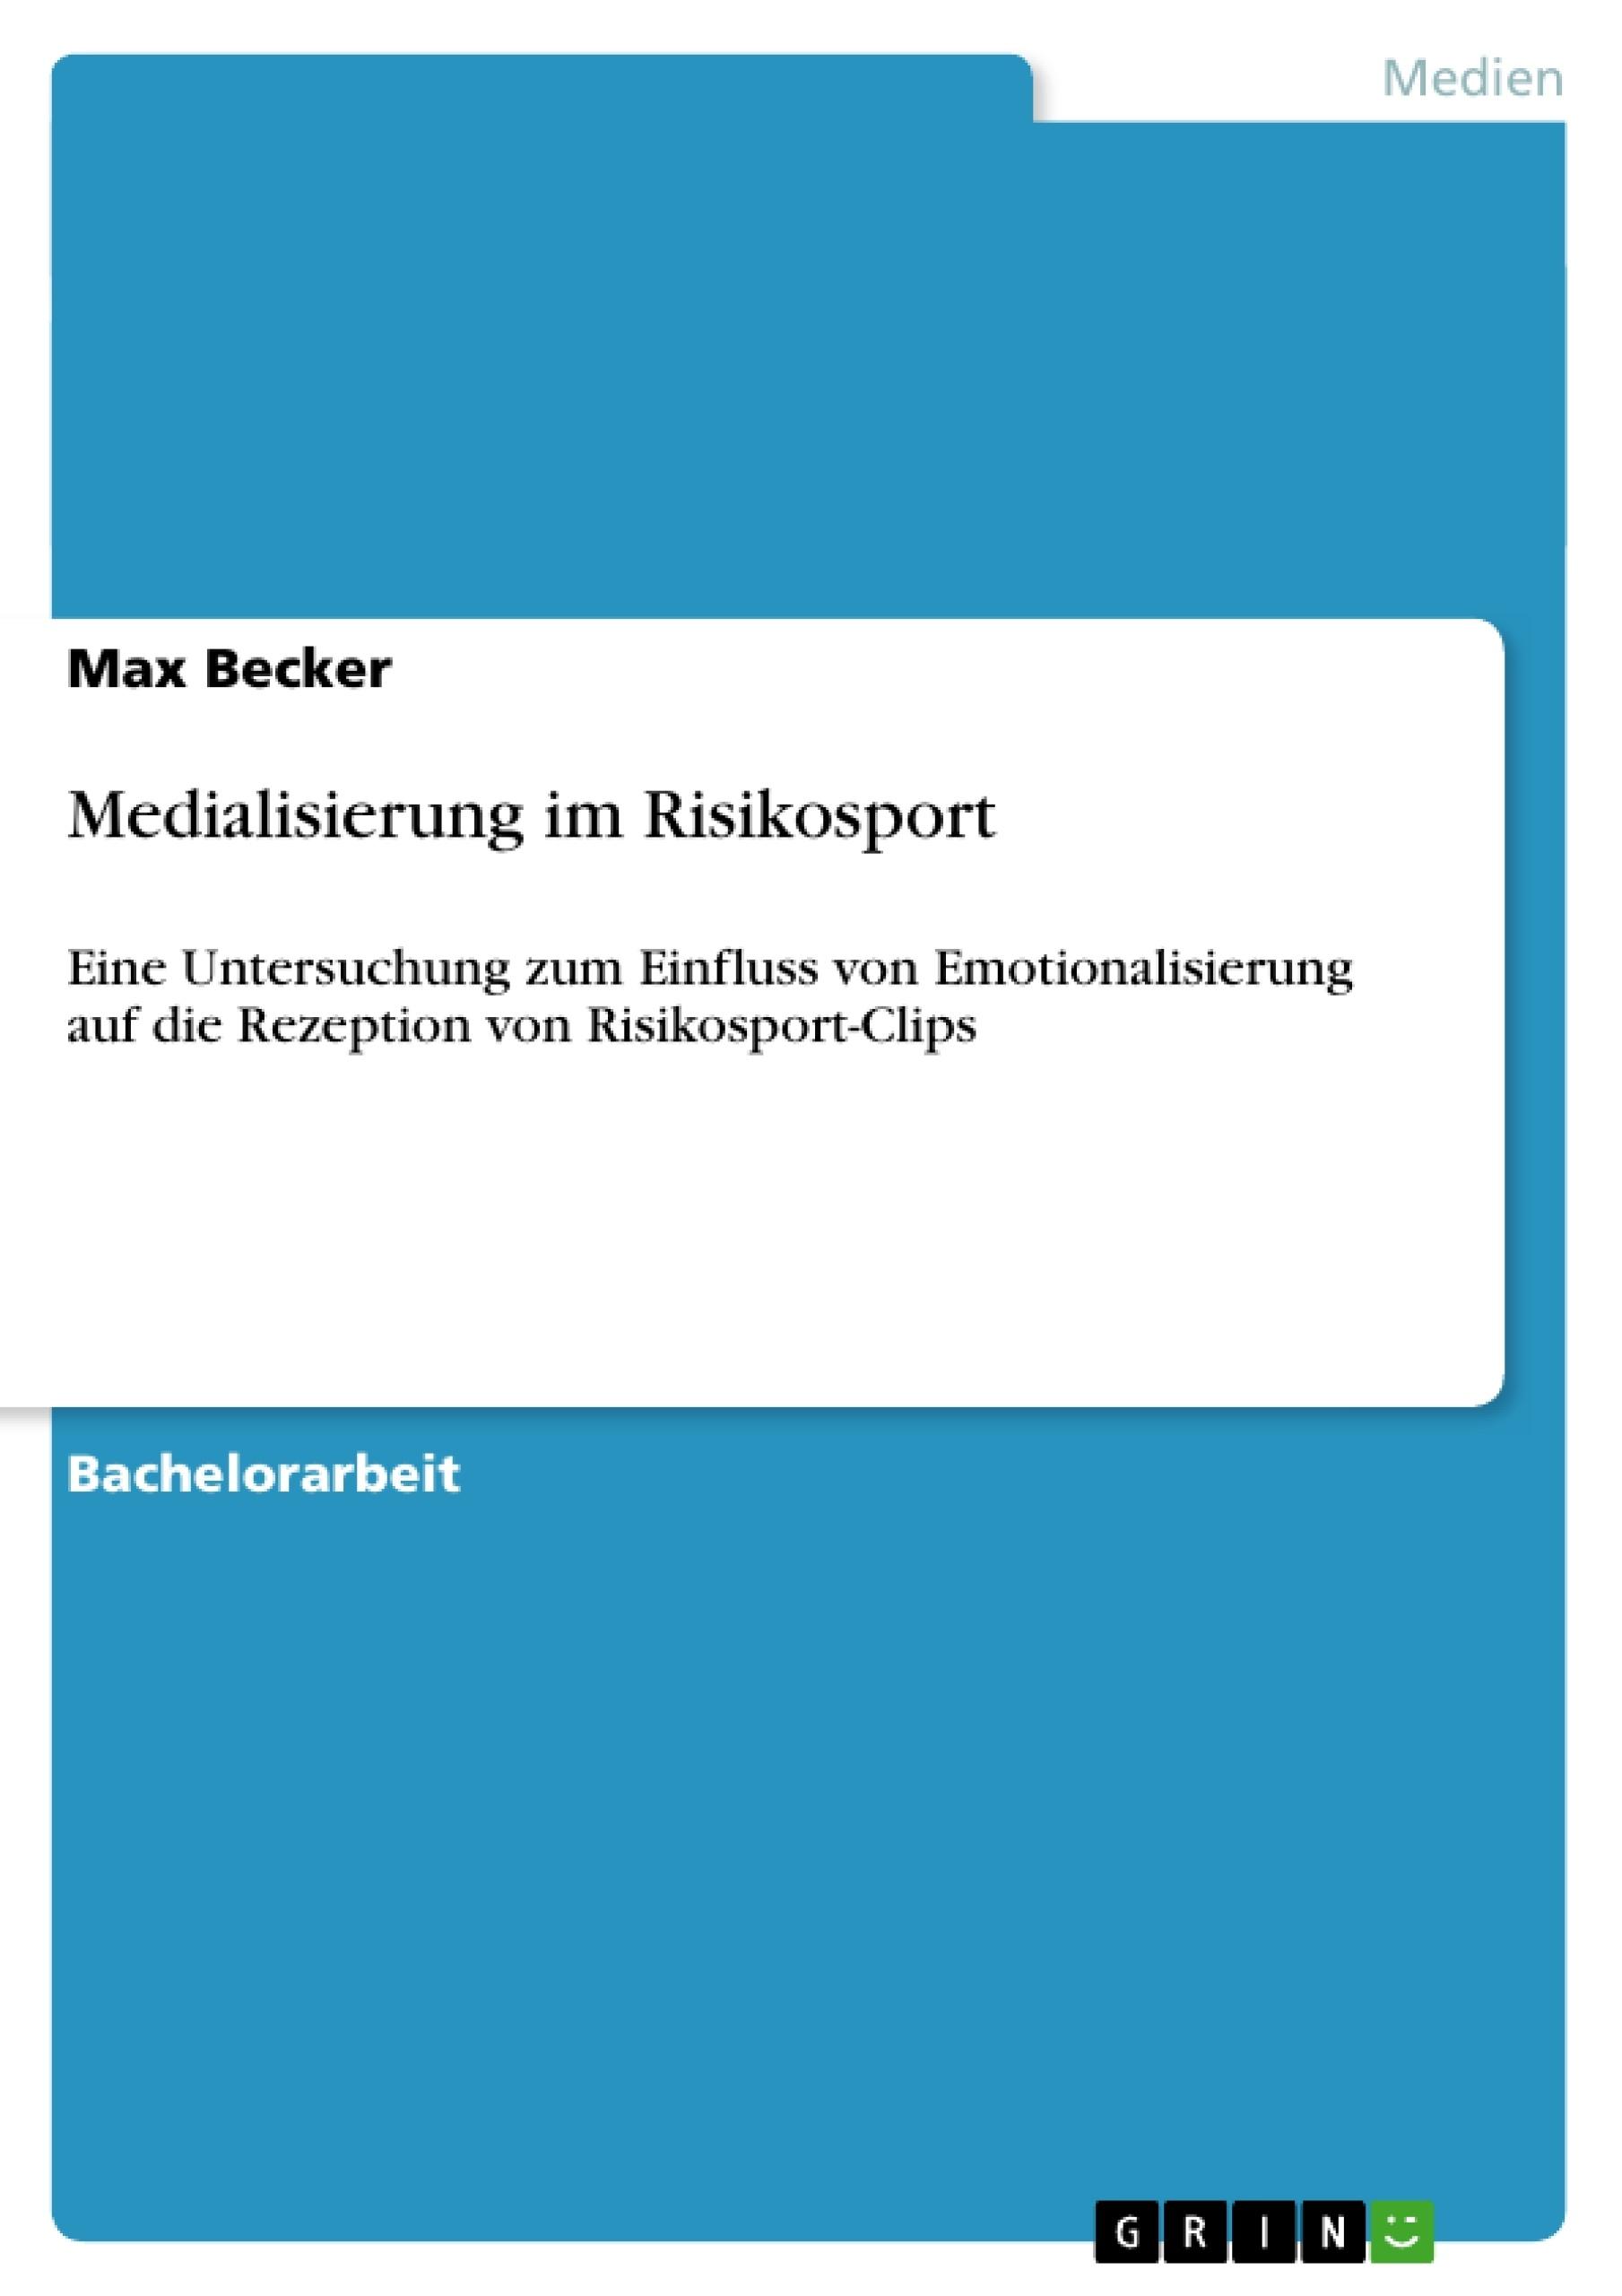 Titel: Medialisierung im Risikosport